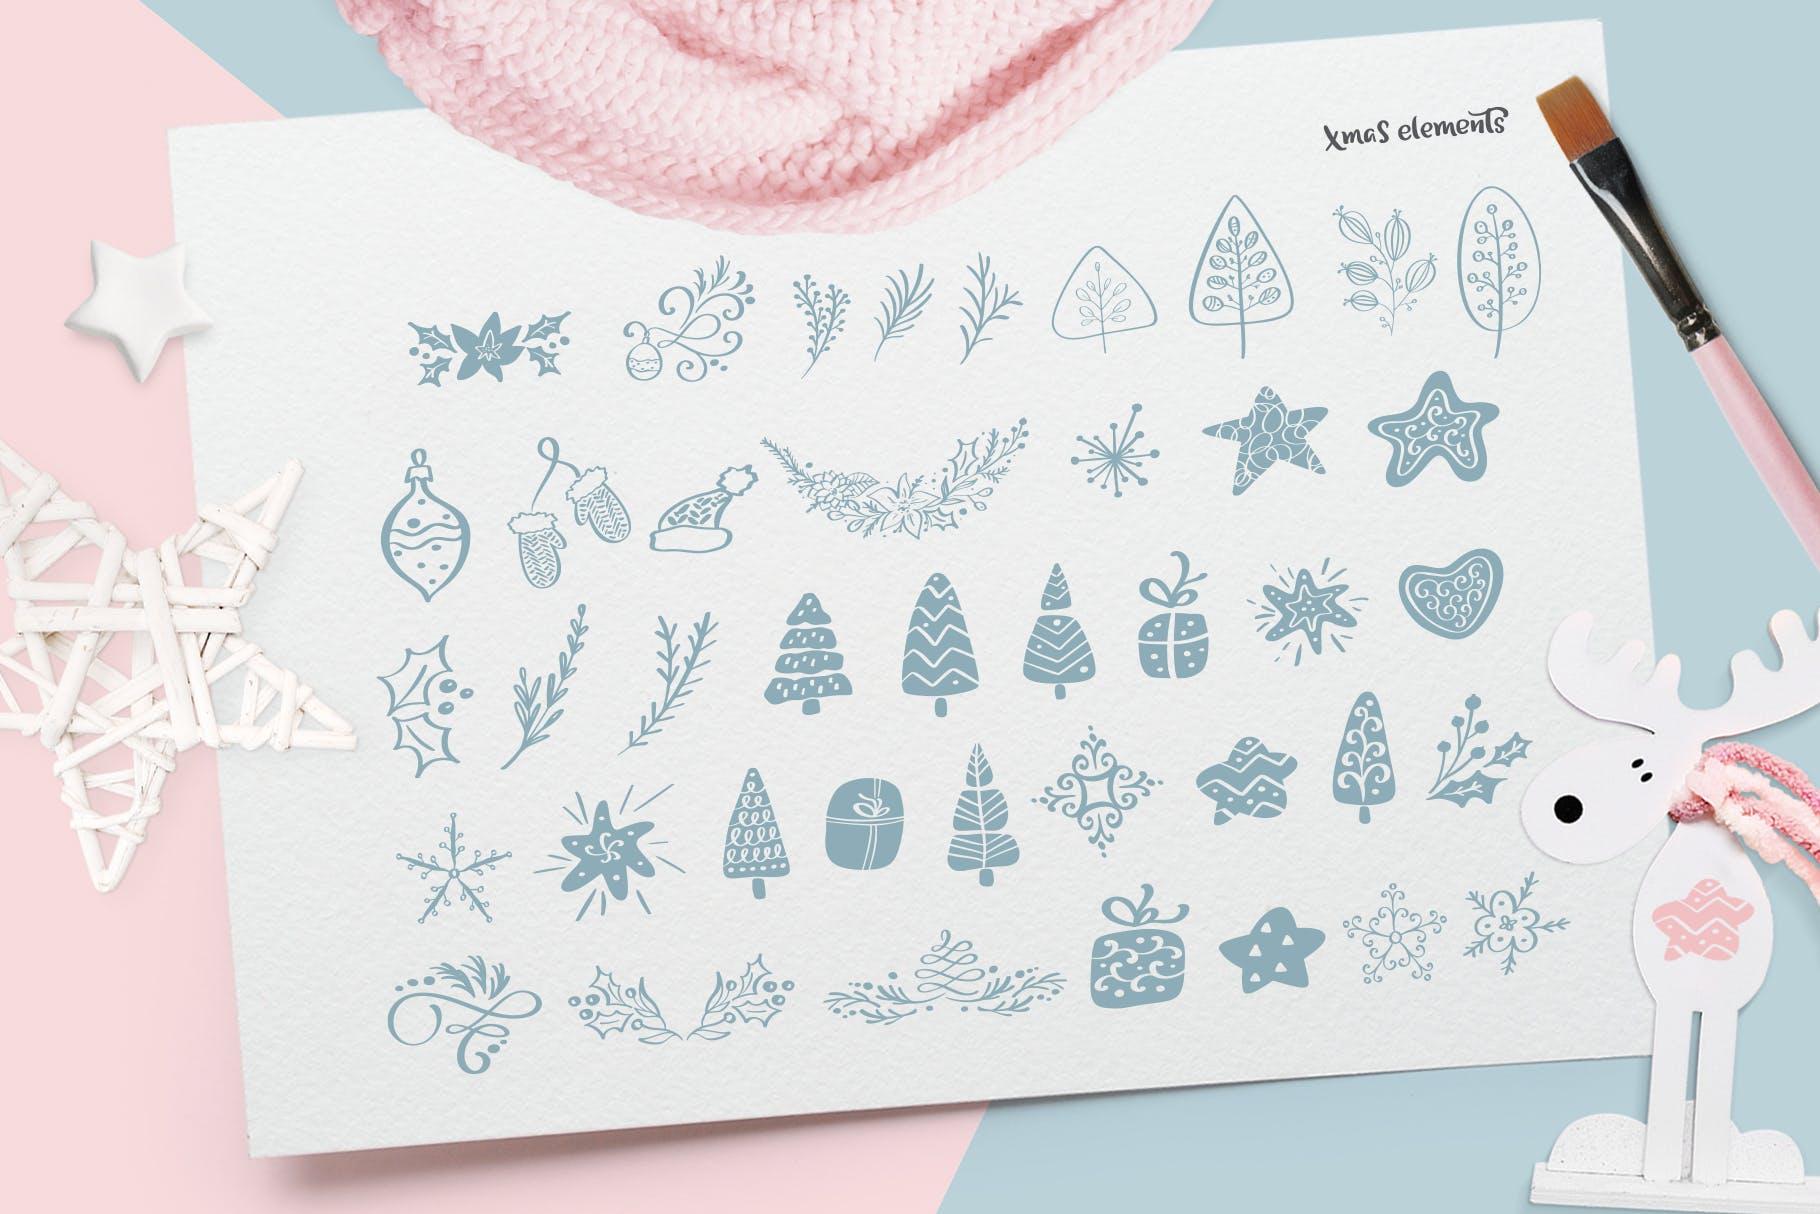 圣诞节元素雪花/星星/手套/礼物图案花纹装饰图案模板Christmas lettering quotes design插图(7)